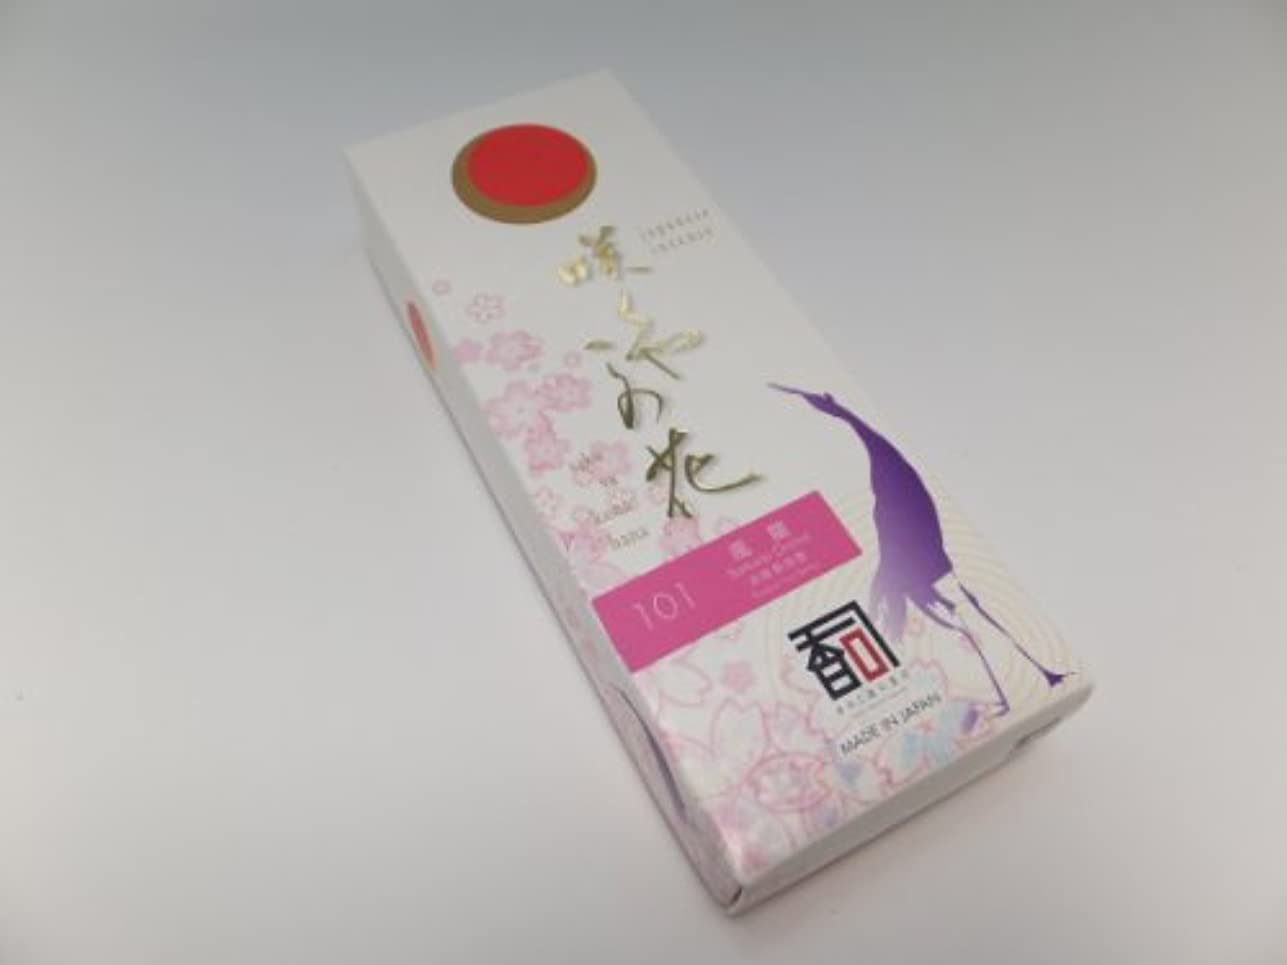 代替案自伝うそつき「あわじ島の香司」 日本の香りシリーズ  [咲くや この花] 【101】 風蘭 (煙少)